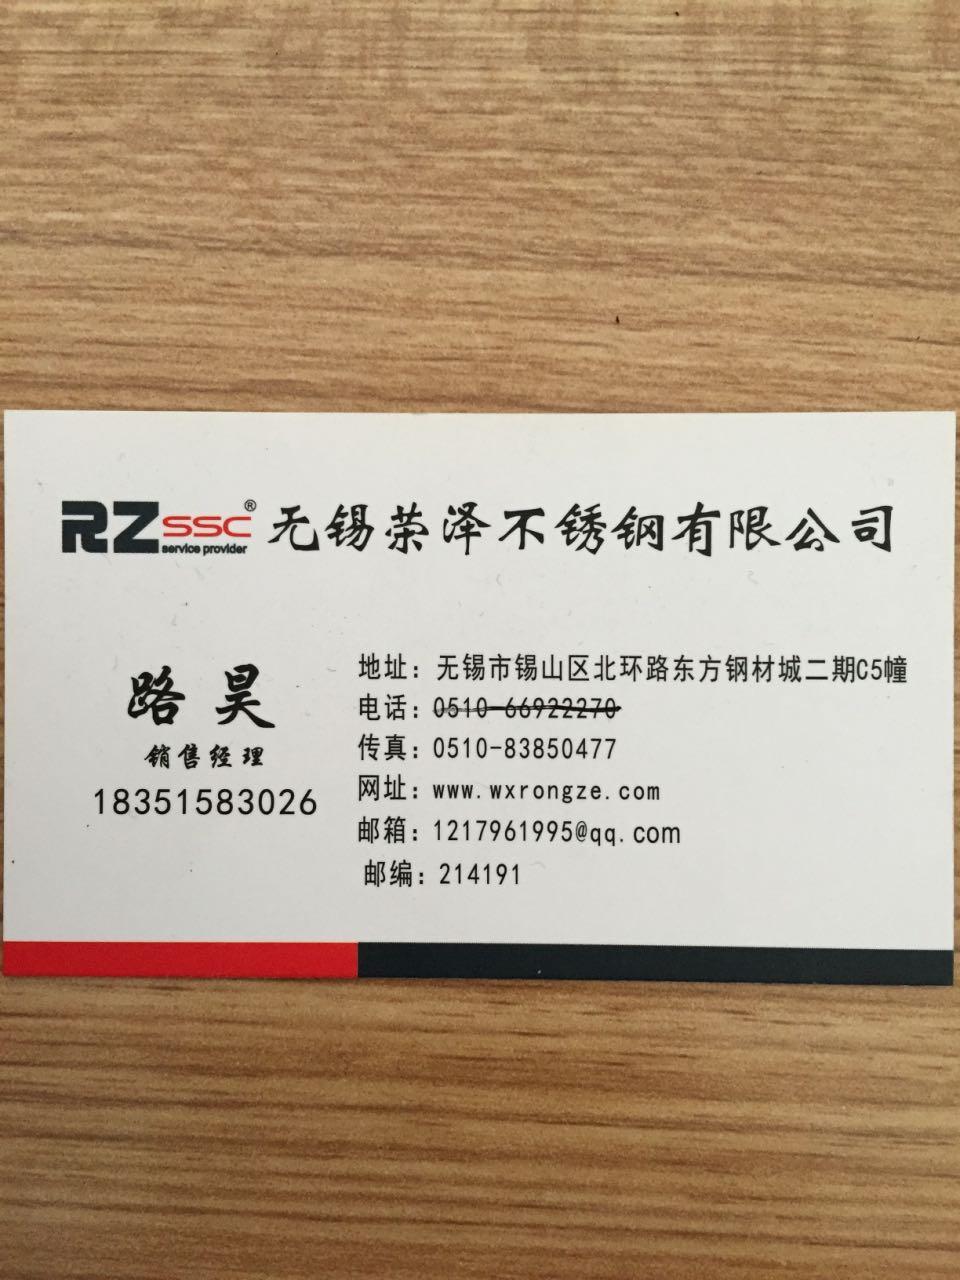 来自路昊发布的供应信息:我司主营:201-304-316L-31... - 无锡荣泽不锈钢有限公司